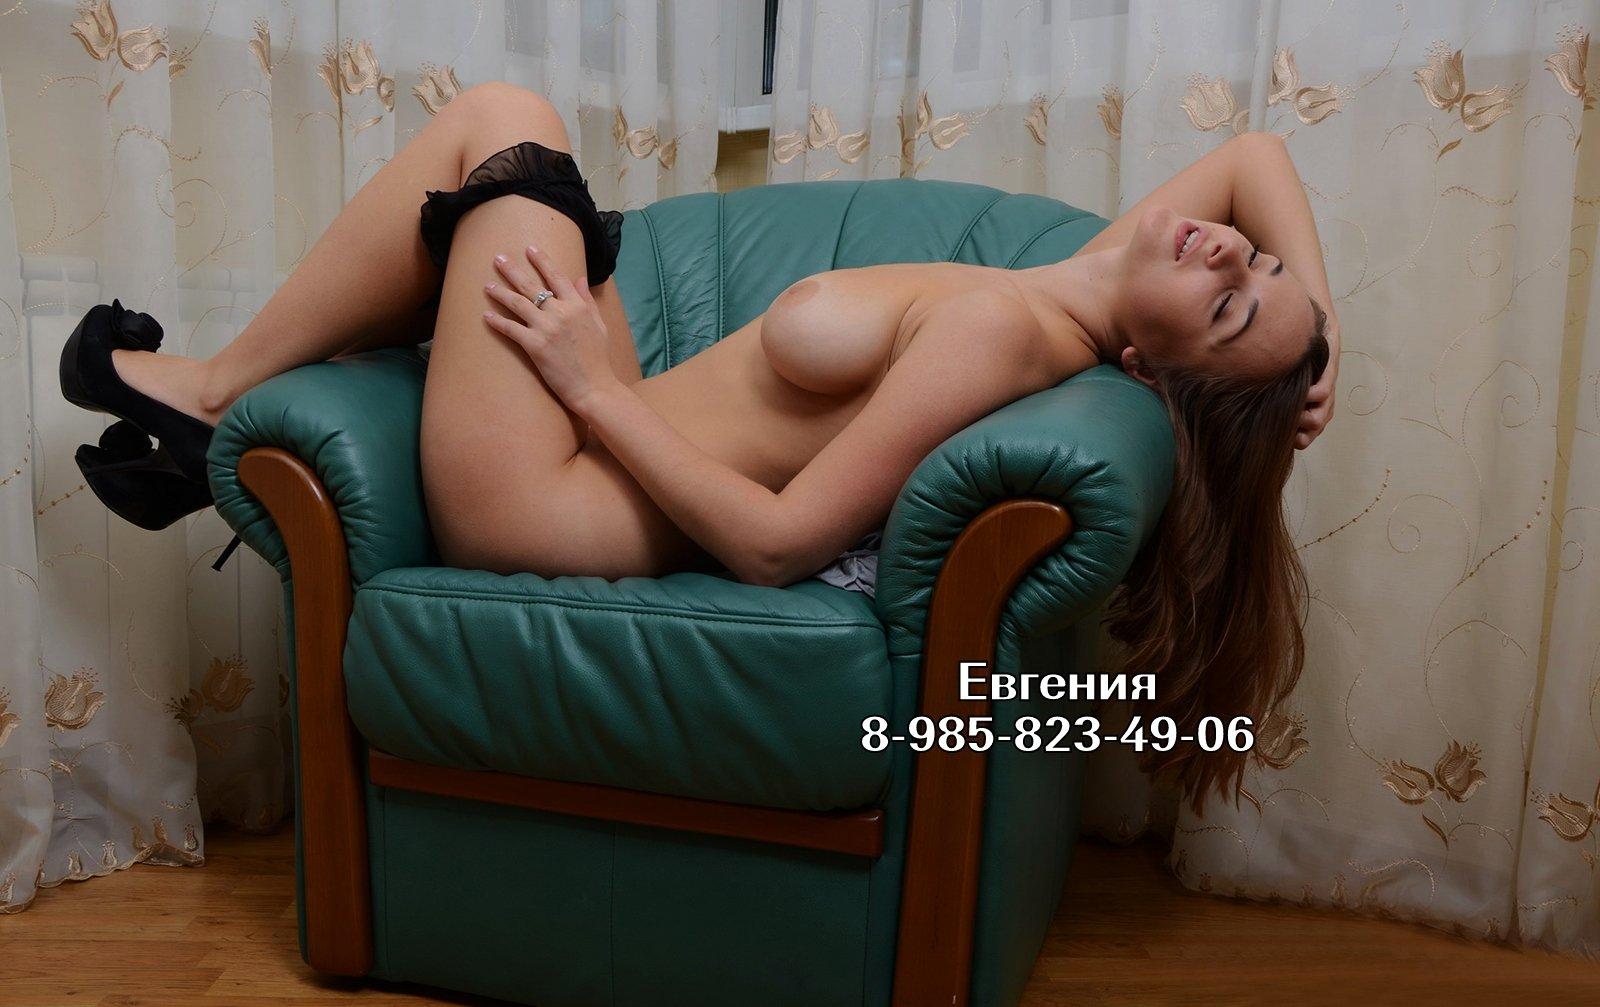 Телефоны индивидуалок в киеве, Дешевые проститутки в Киеве. Недорогие интим услуги 4 фотография